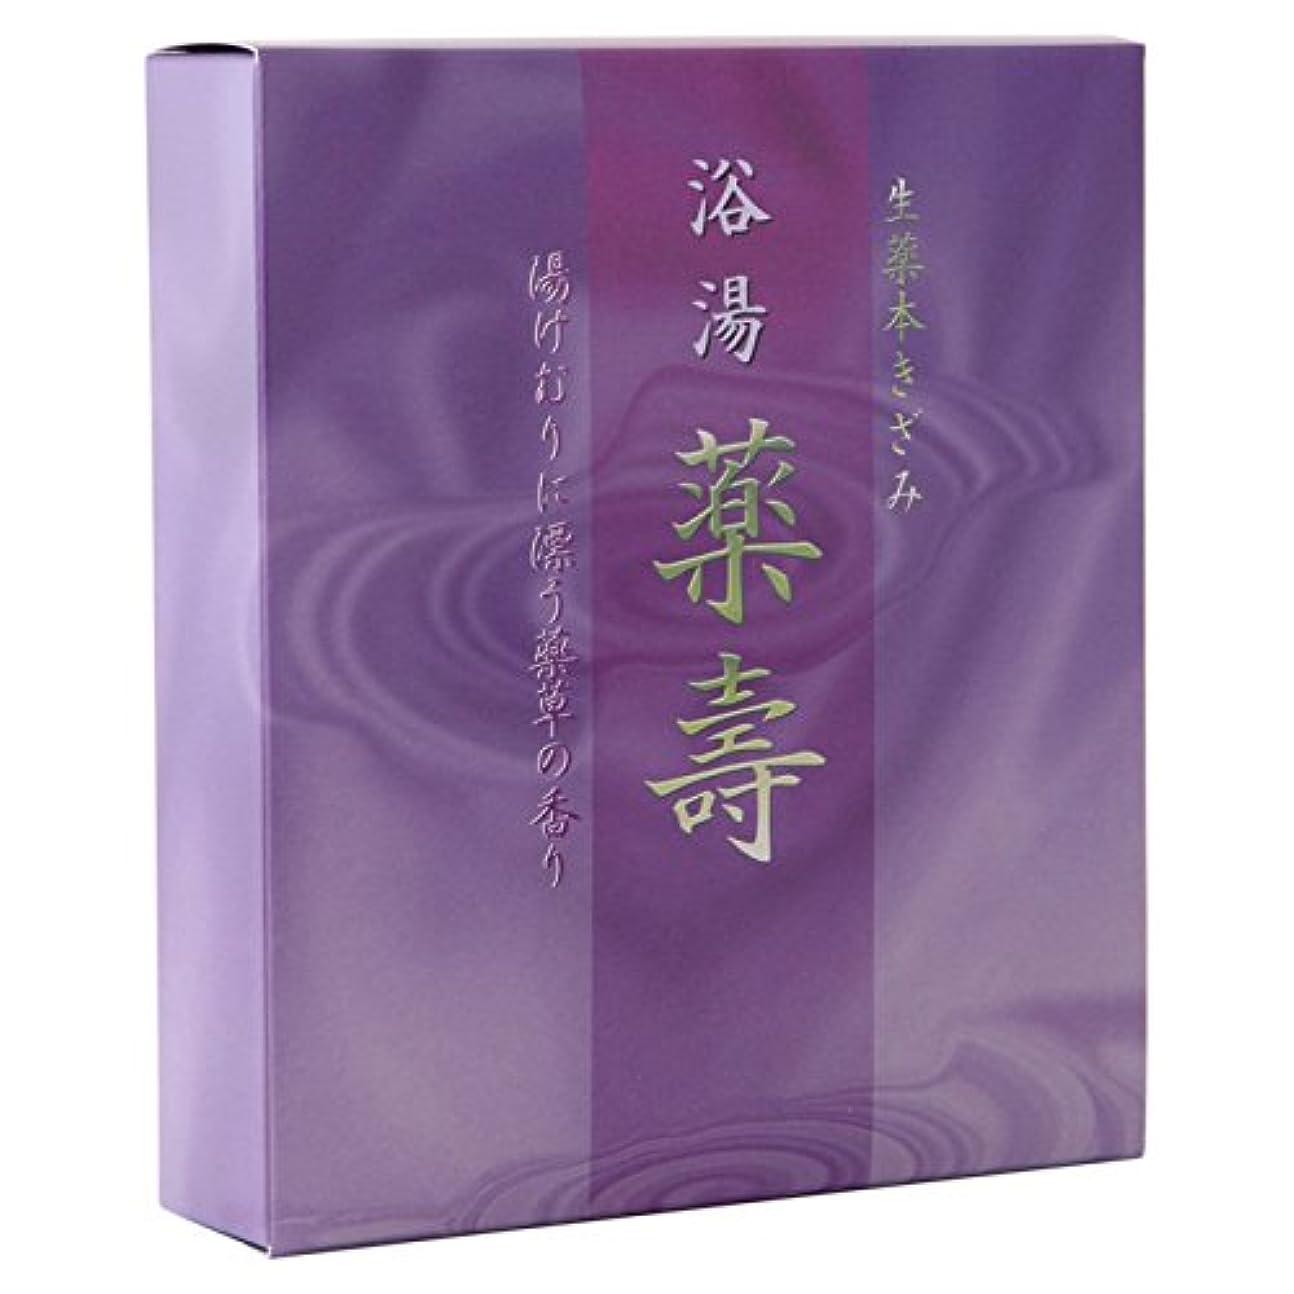 製作笑い置換浴湯 【薬壽やくじゅ】 生薬本きざみ ~5箱(25包)セット~